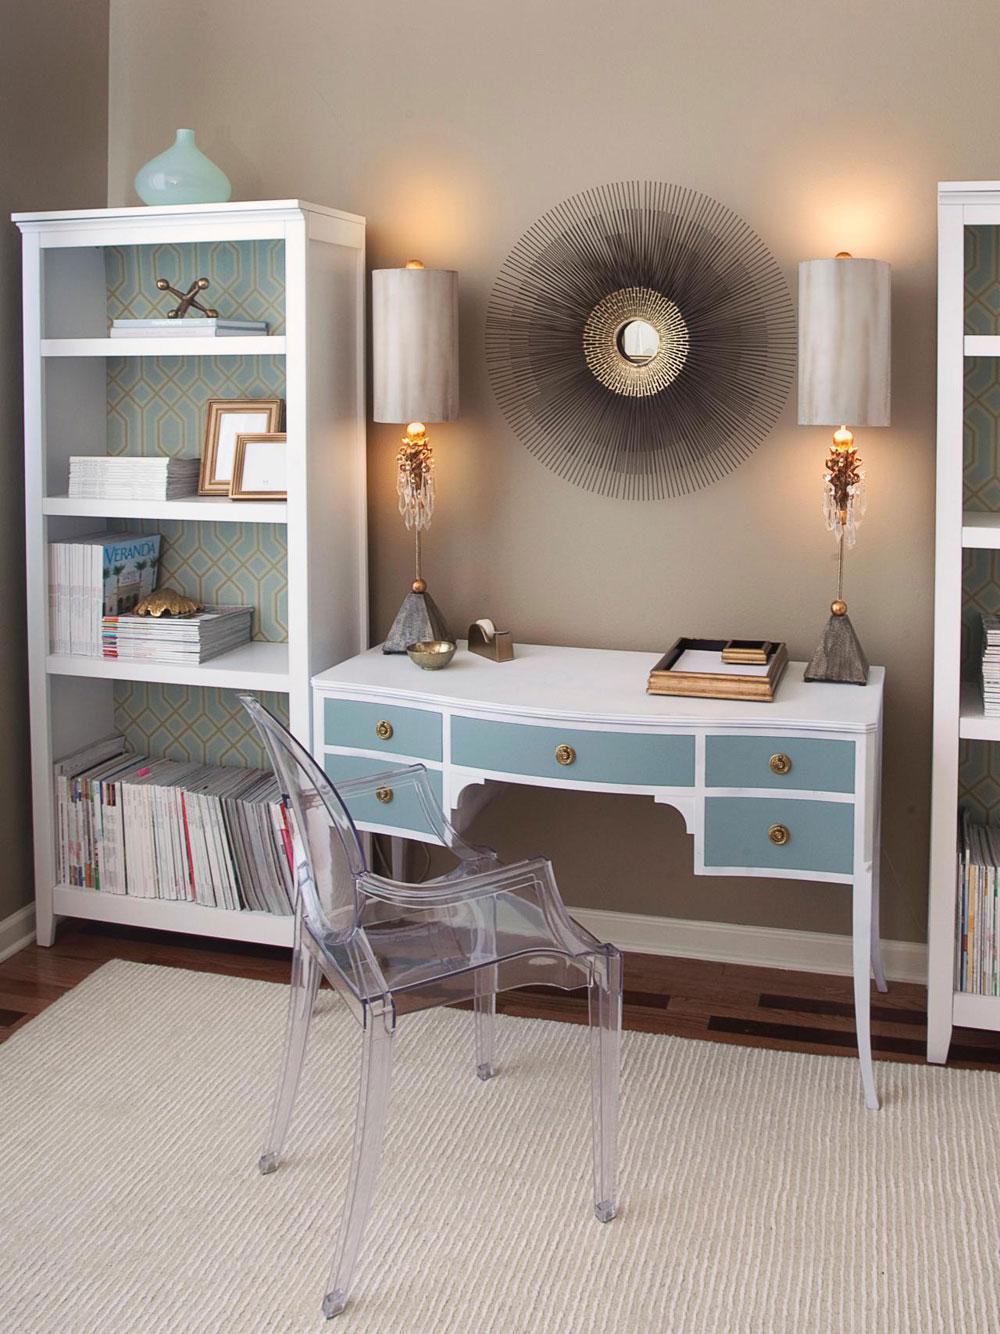 Stora-hem-kontor-design-idéer-för-arbetet-av-hemmet-8 Stora hemmakontor design-idéer för arbete hemifrån människor